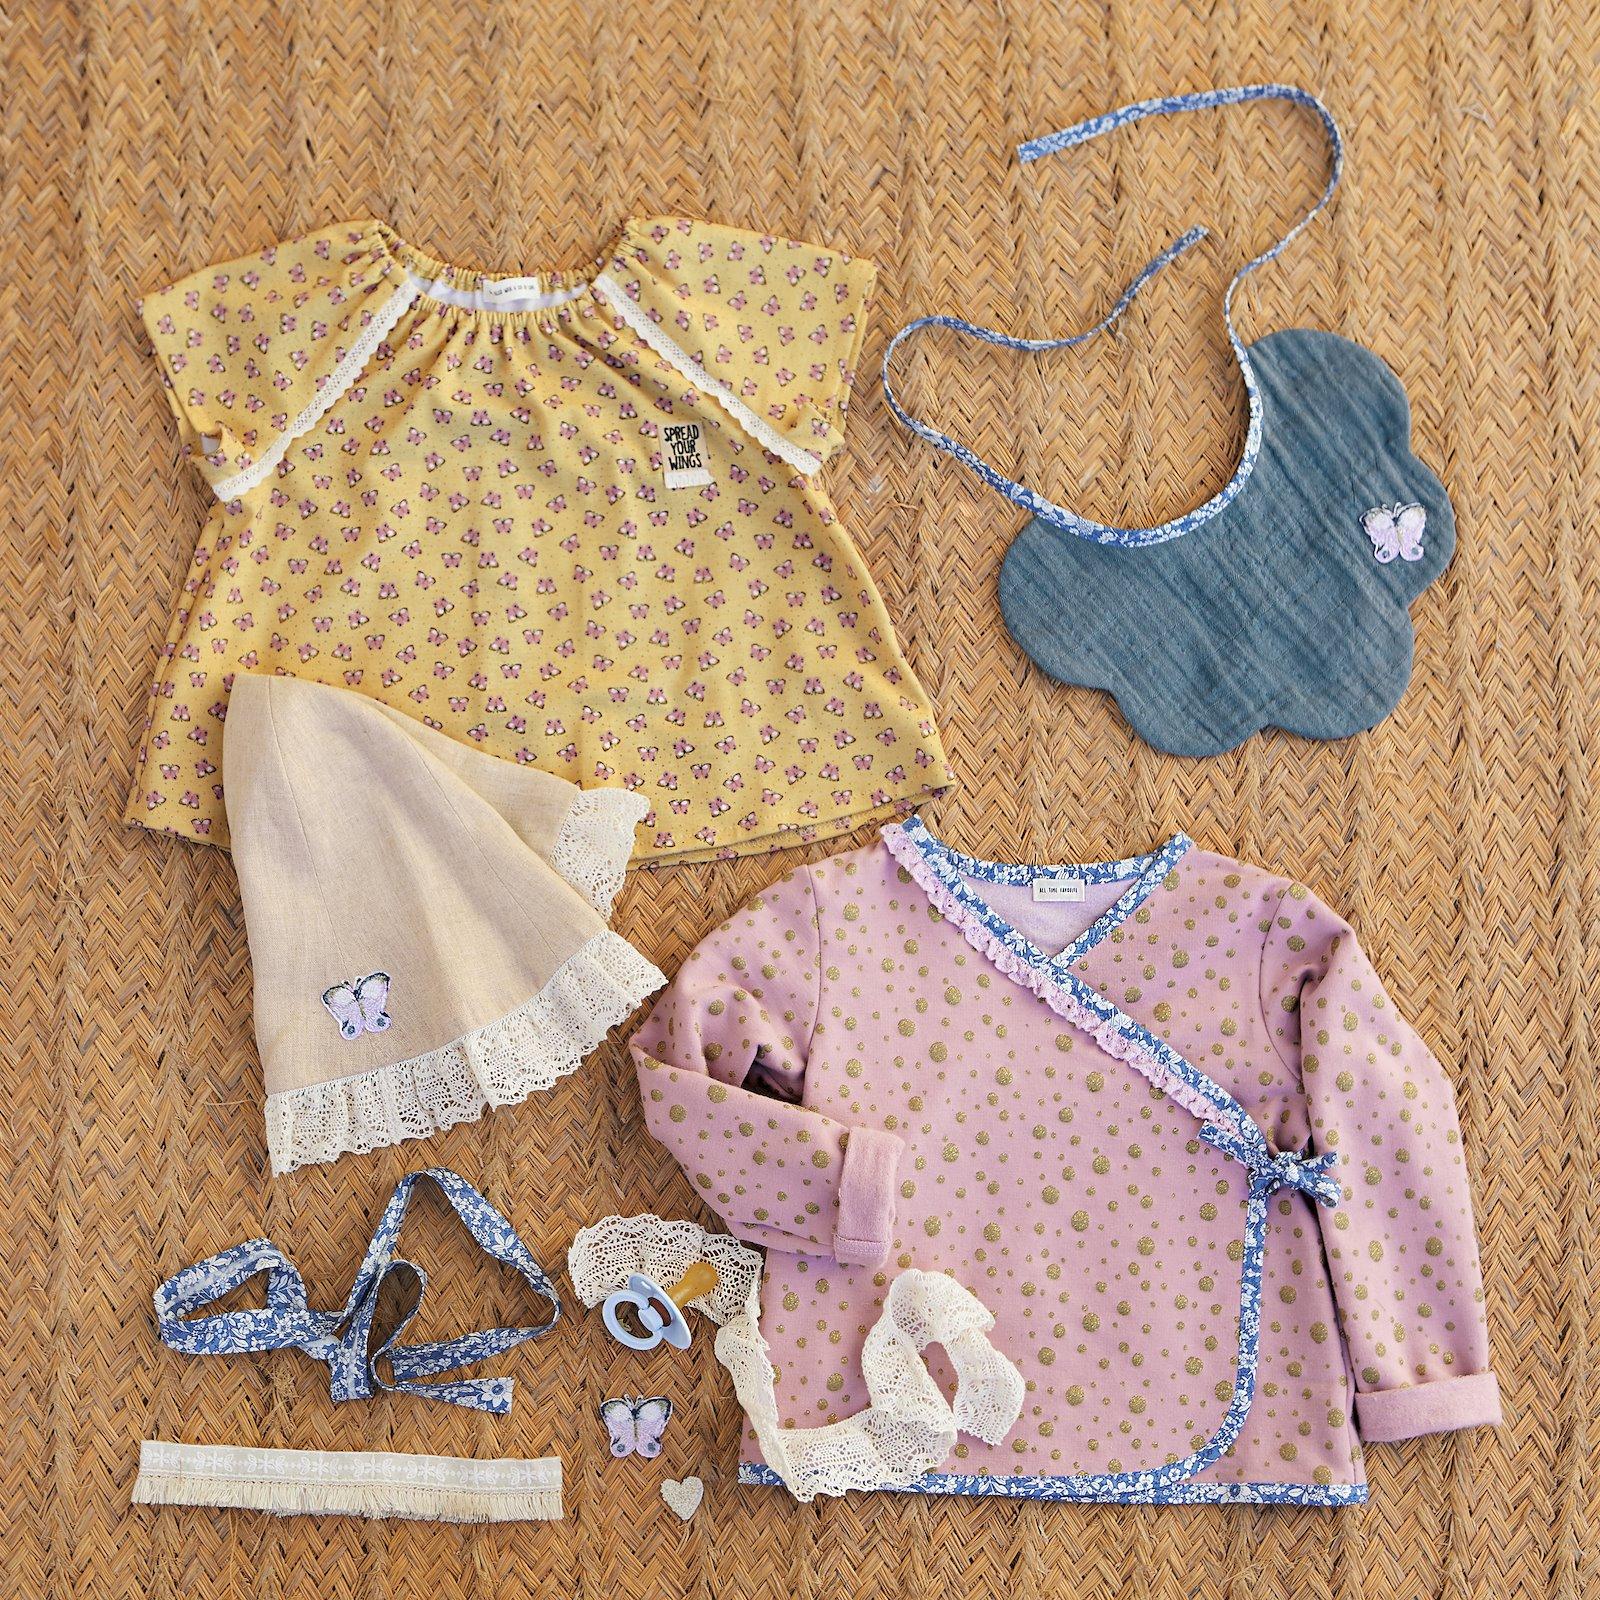 Baby Sonnenhut & Glockenhut p83013_272732_25105_26538_p84501_510258_25160_26538_bundle